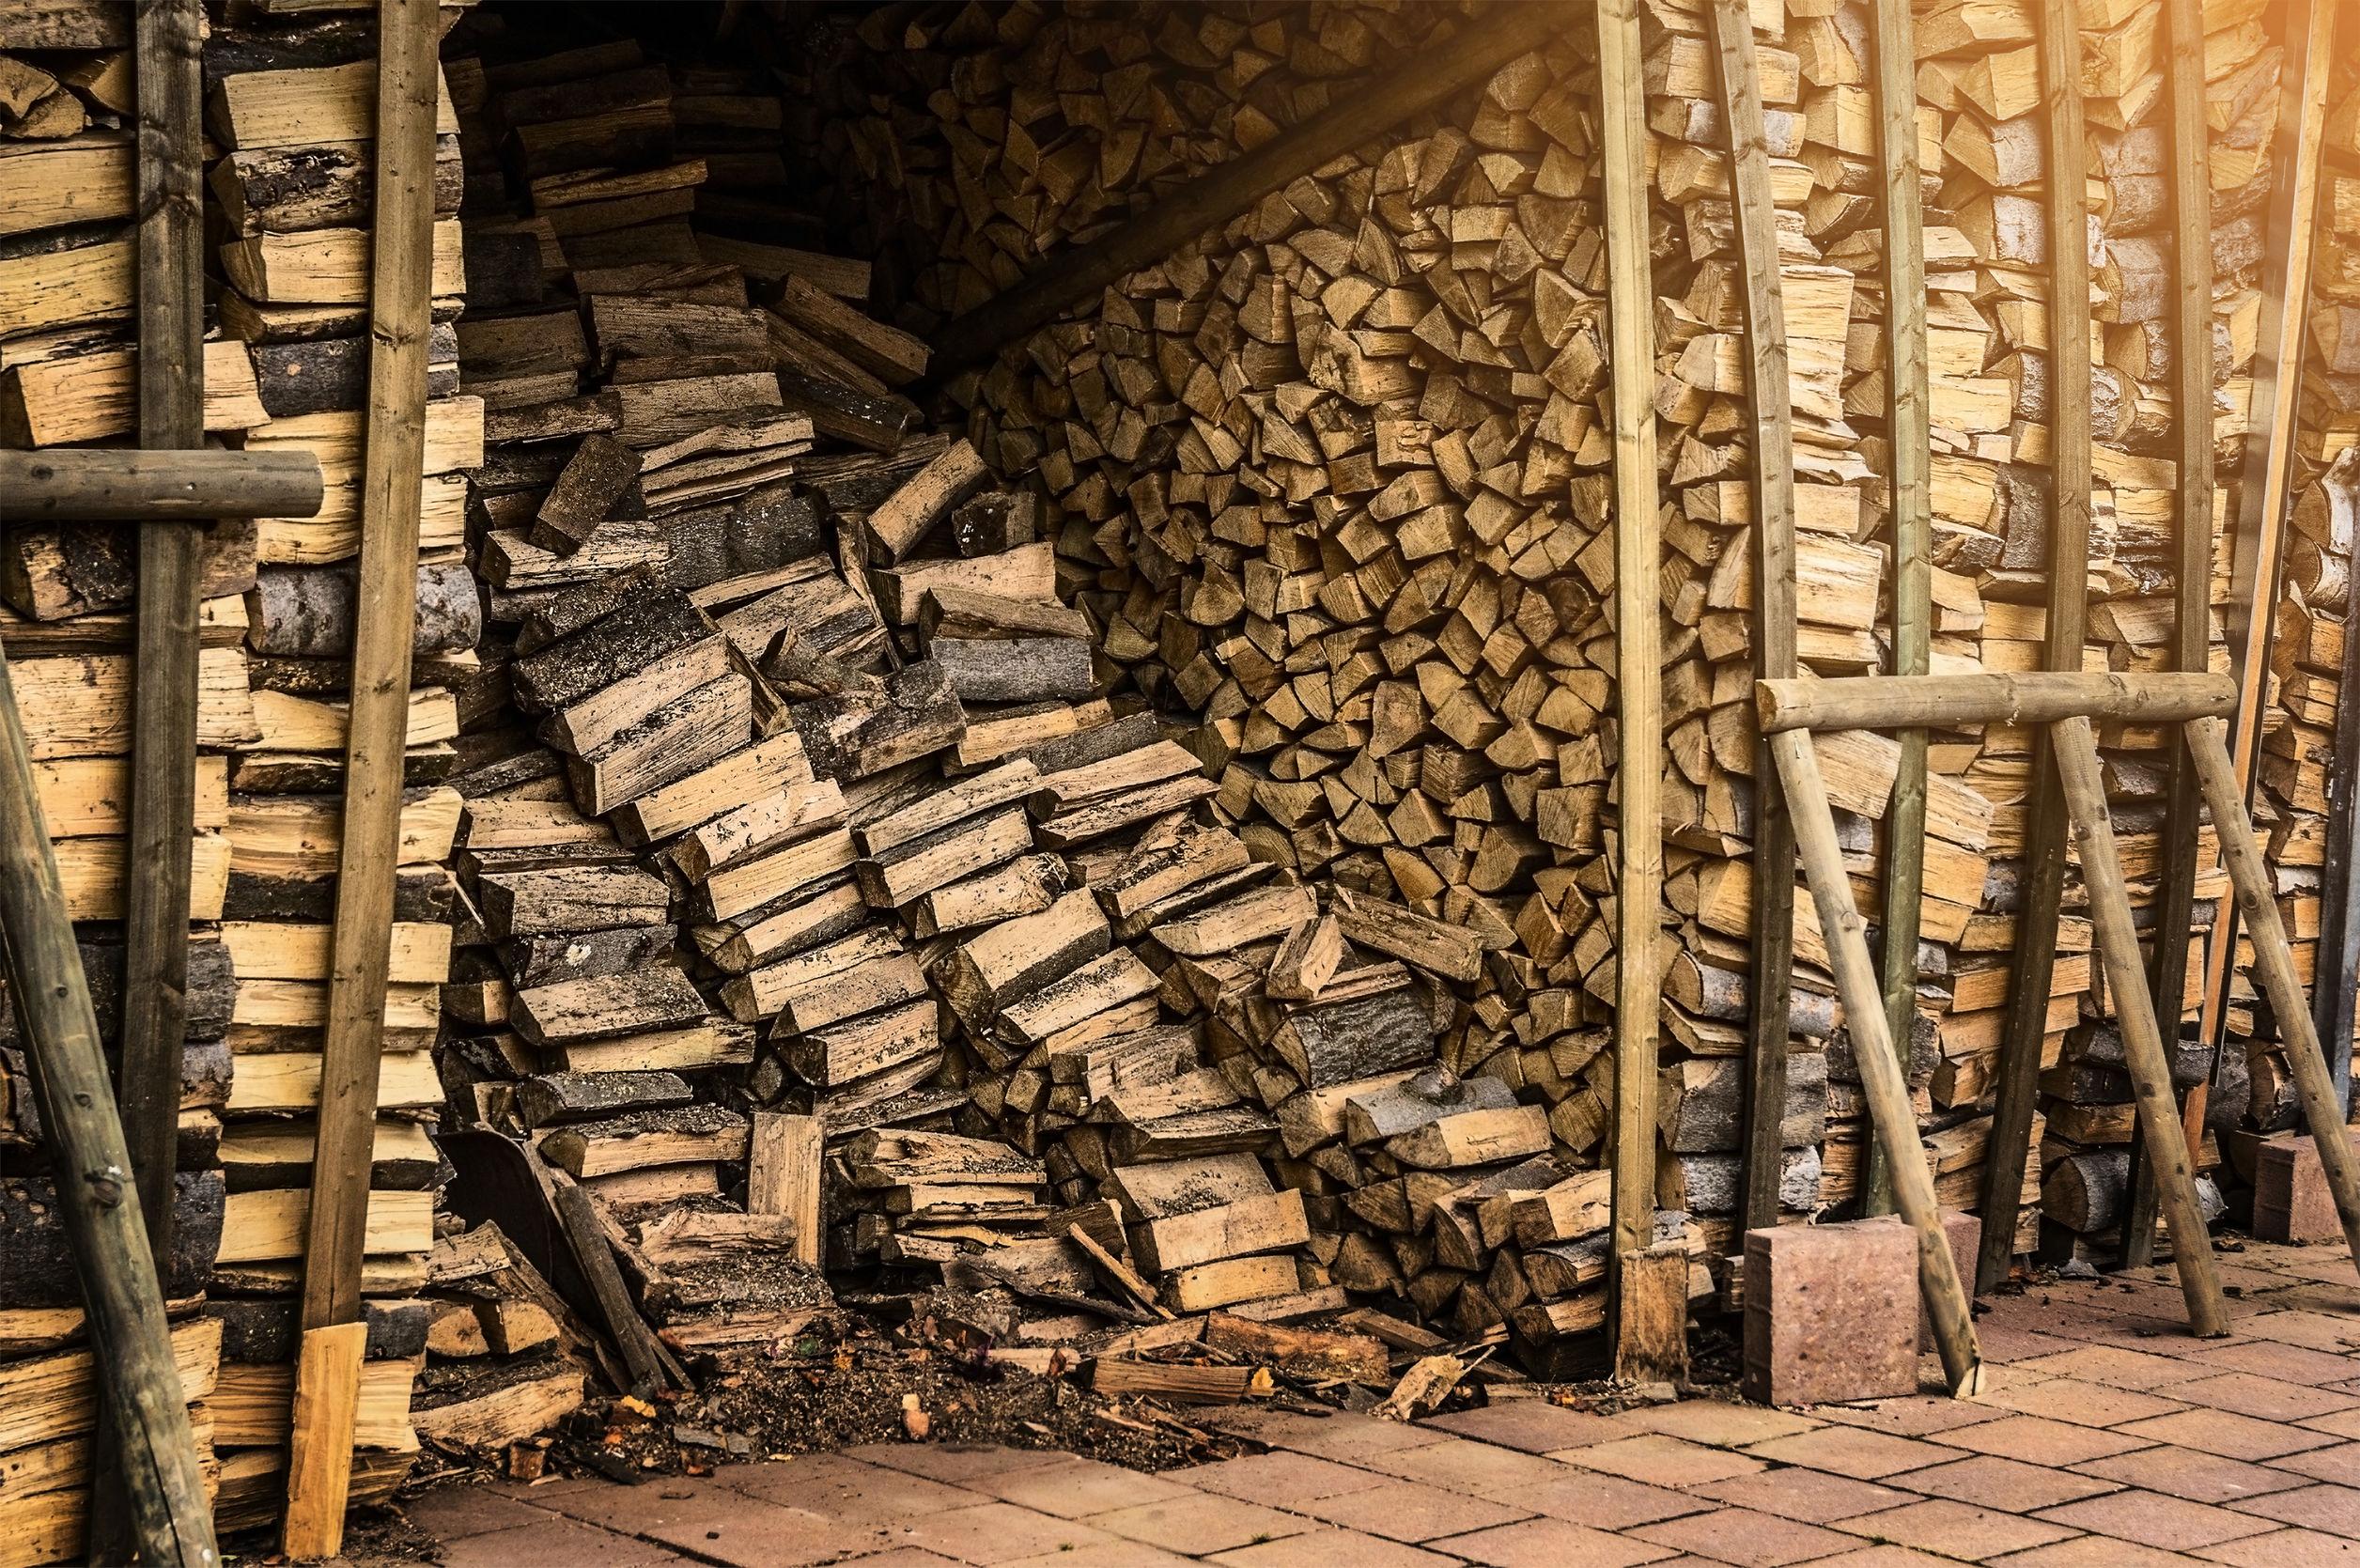 cabane de stockage pour le bois de chauffage